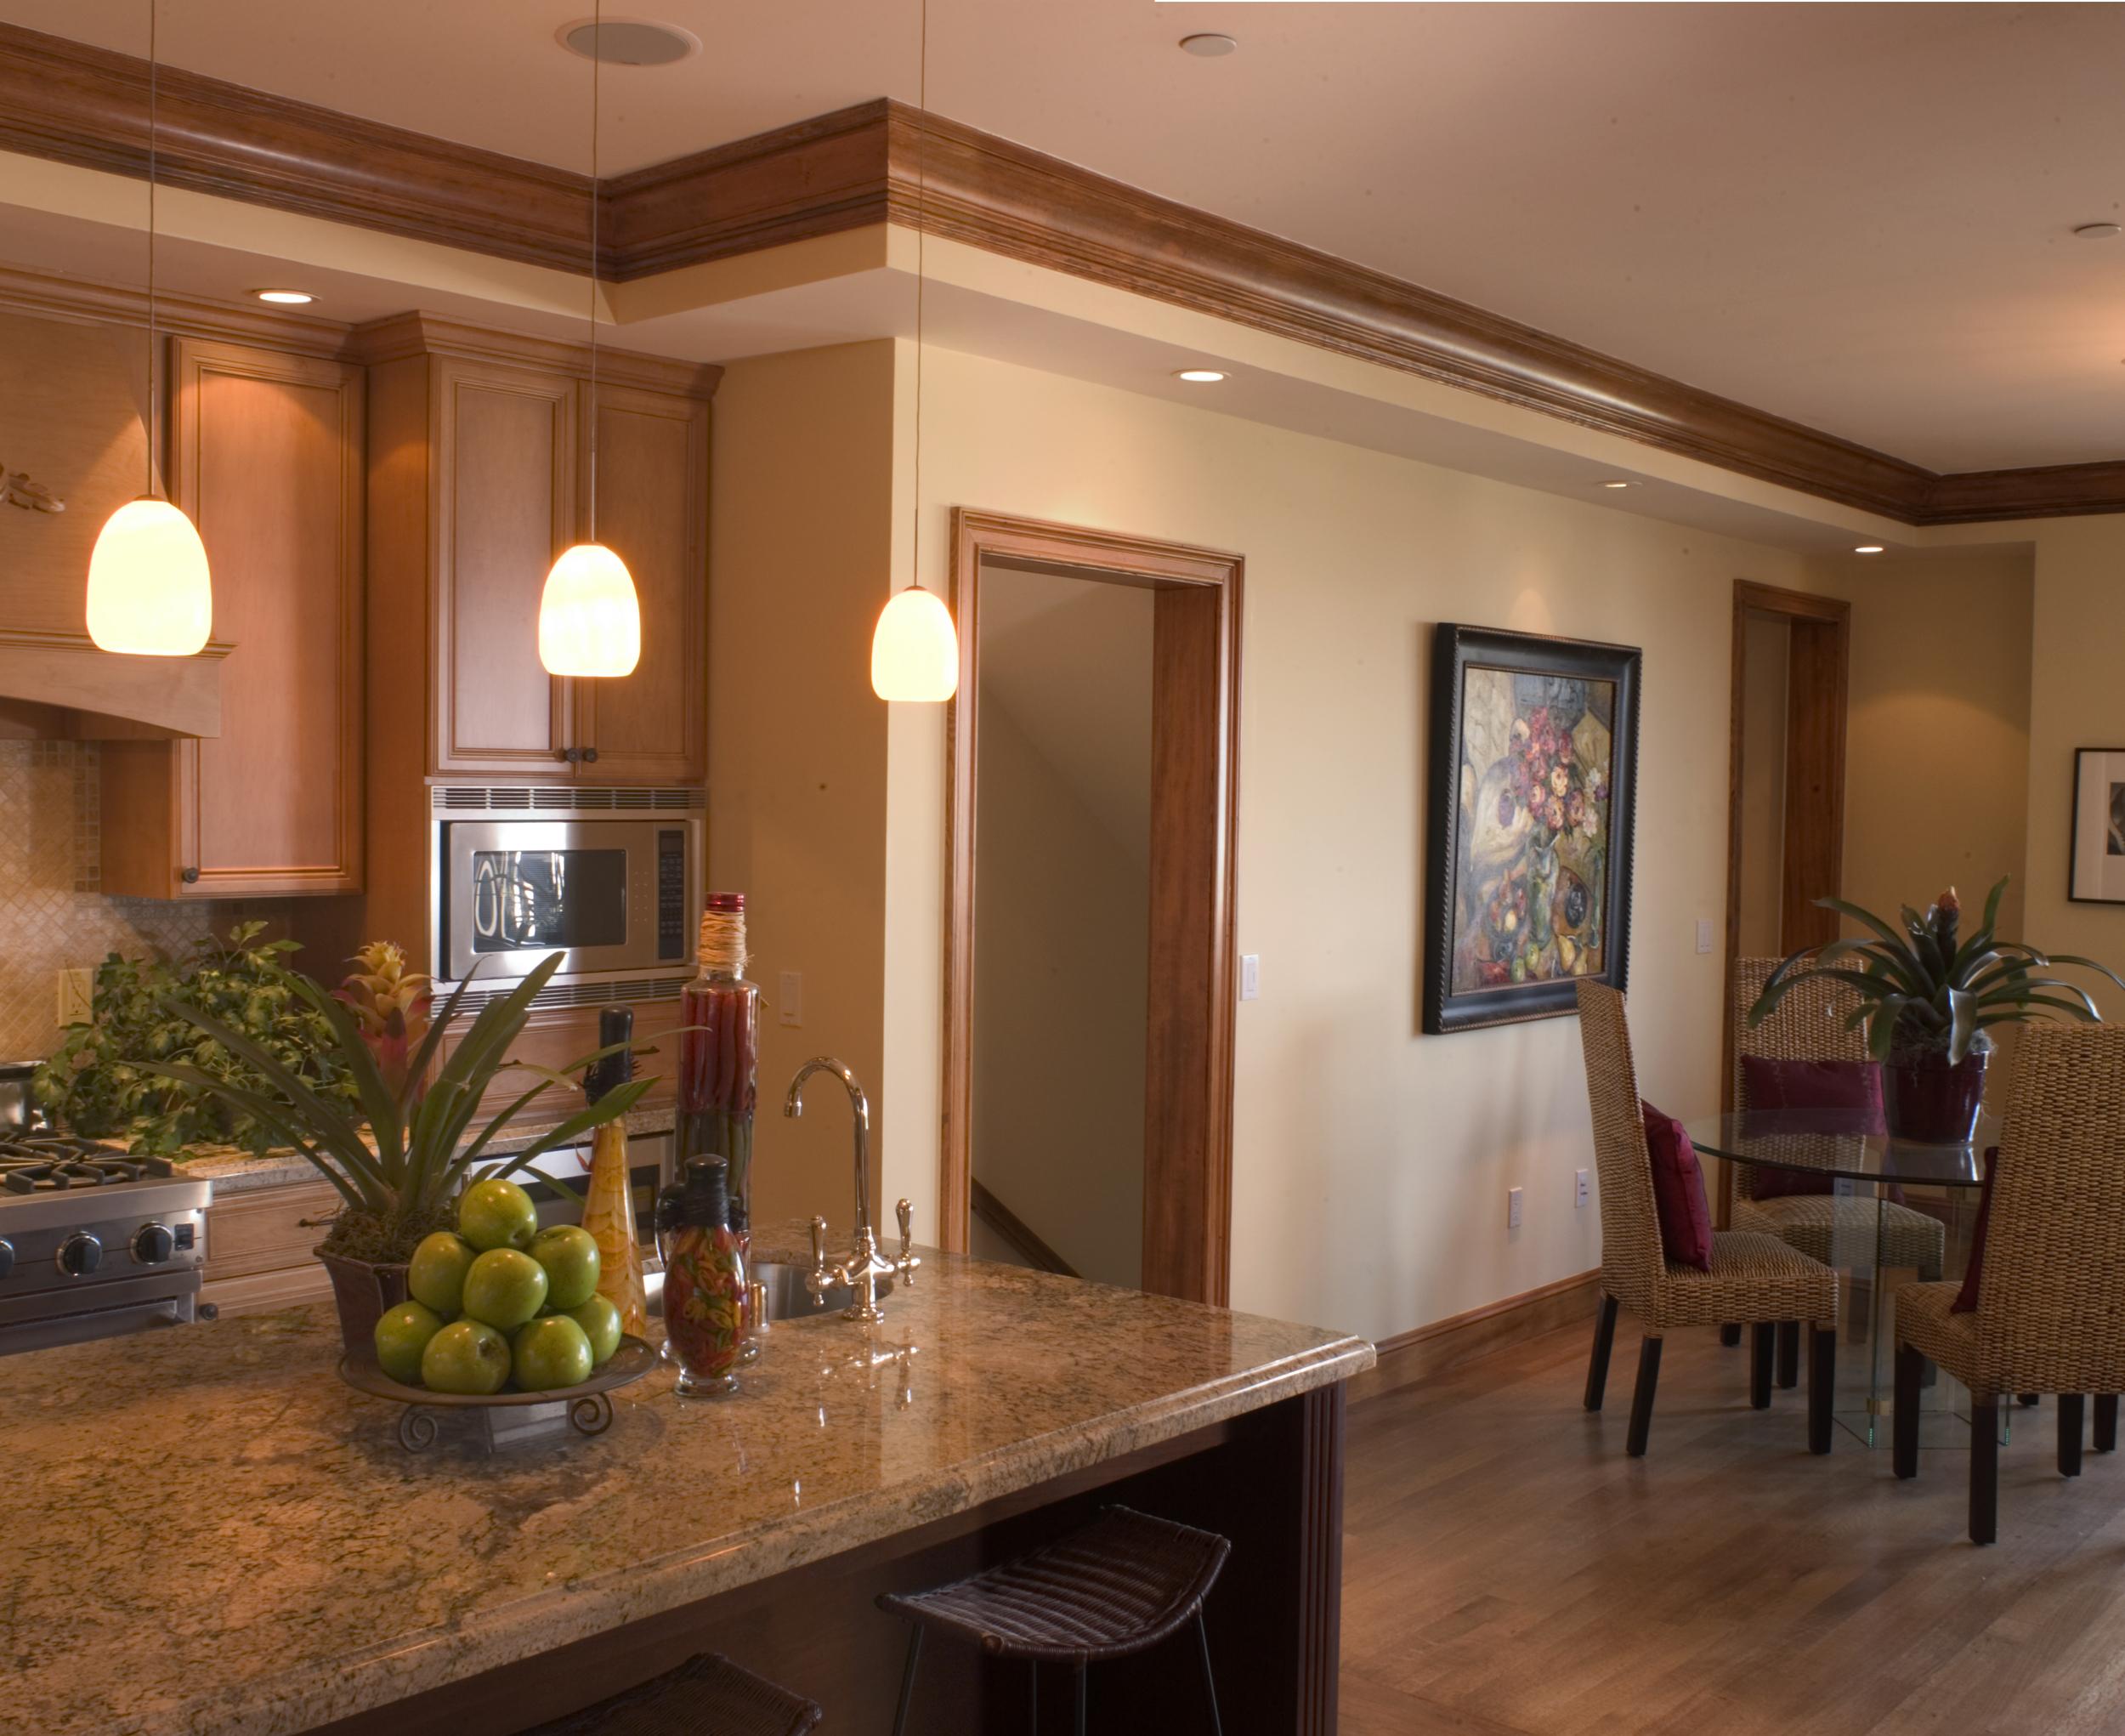 4 - 2672 Filbert kitchen 2.jpg